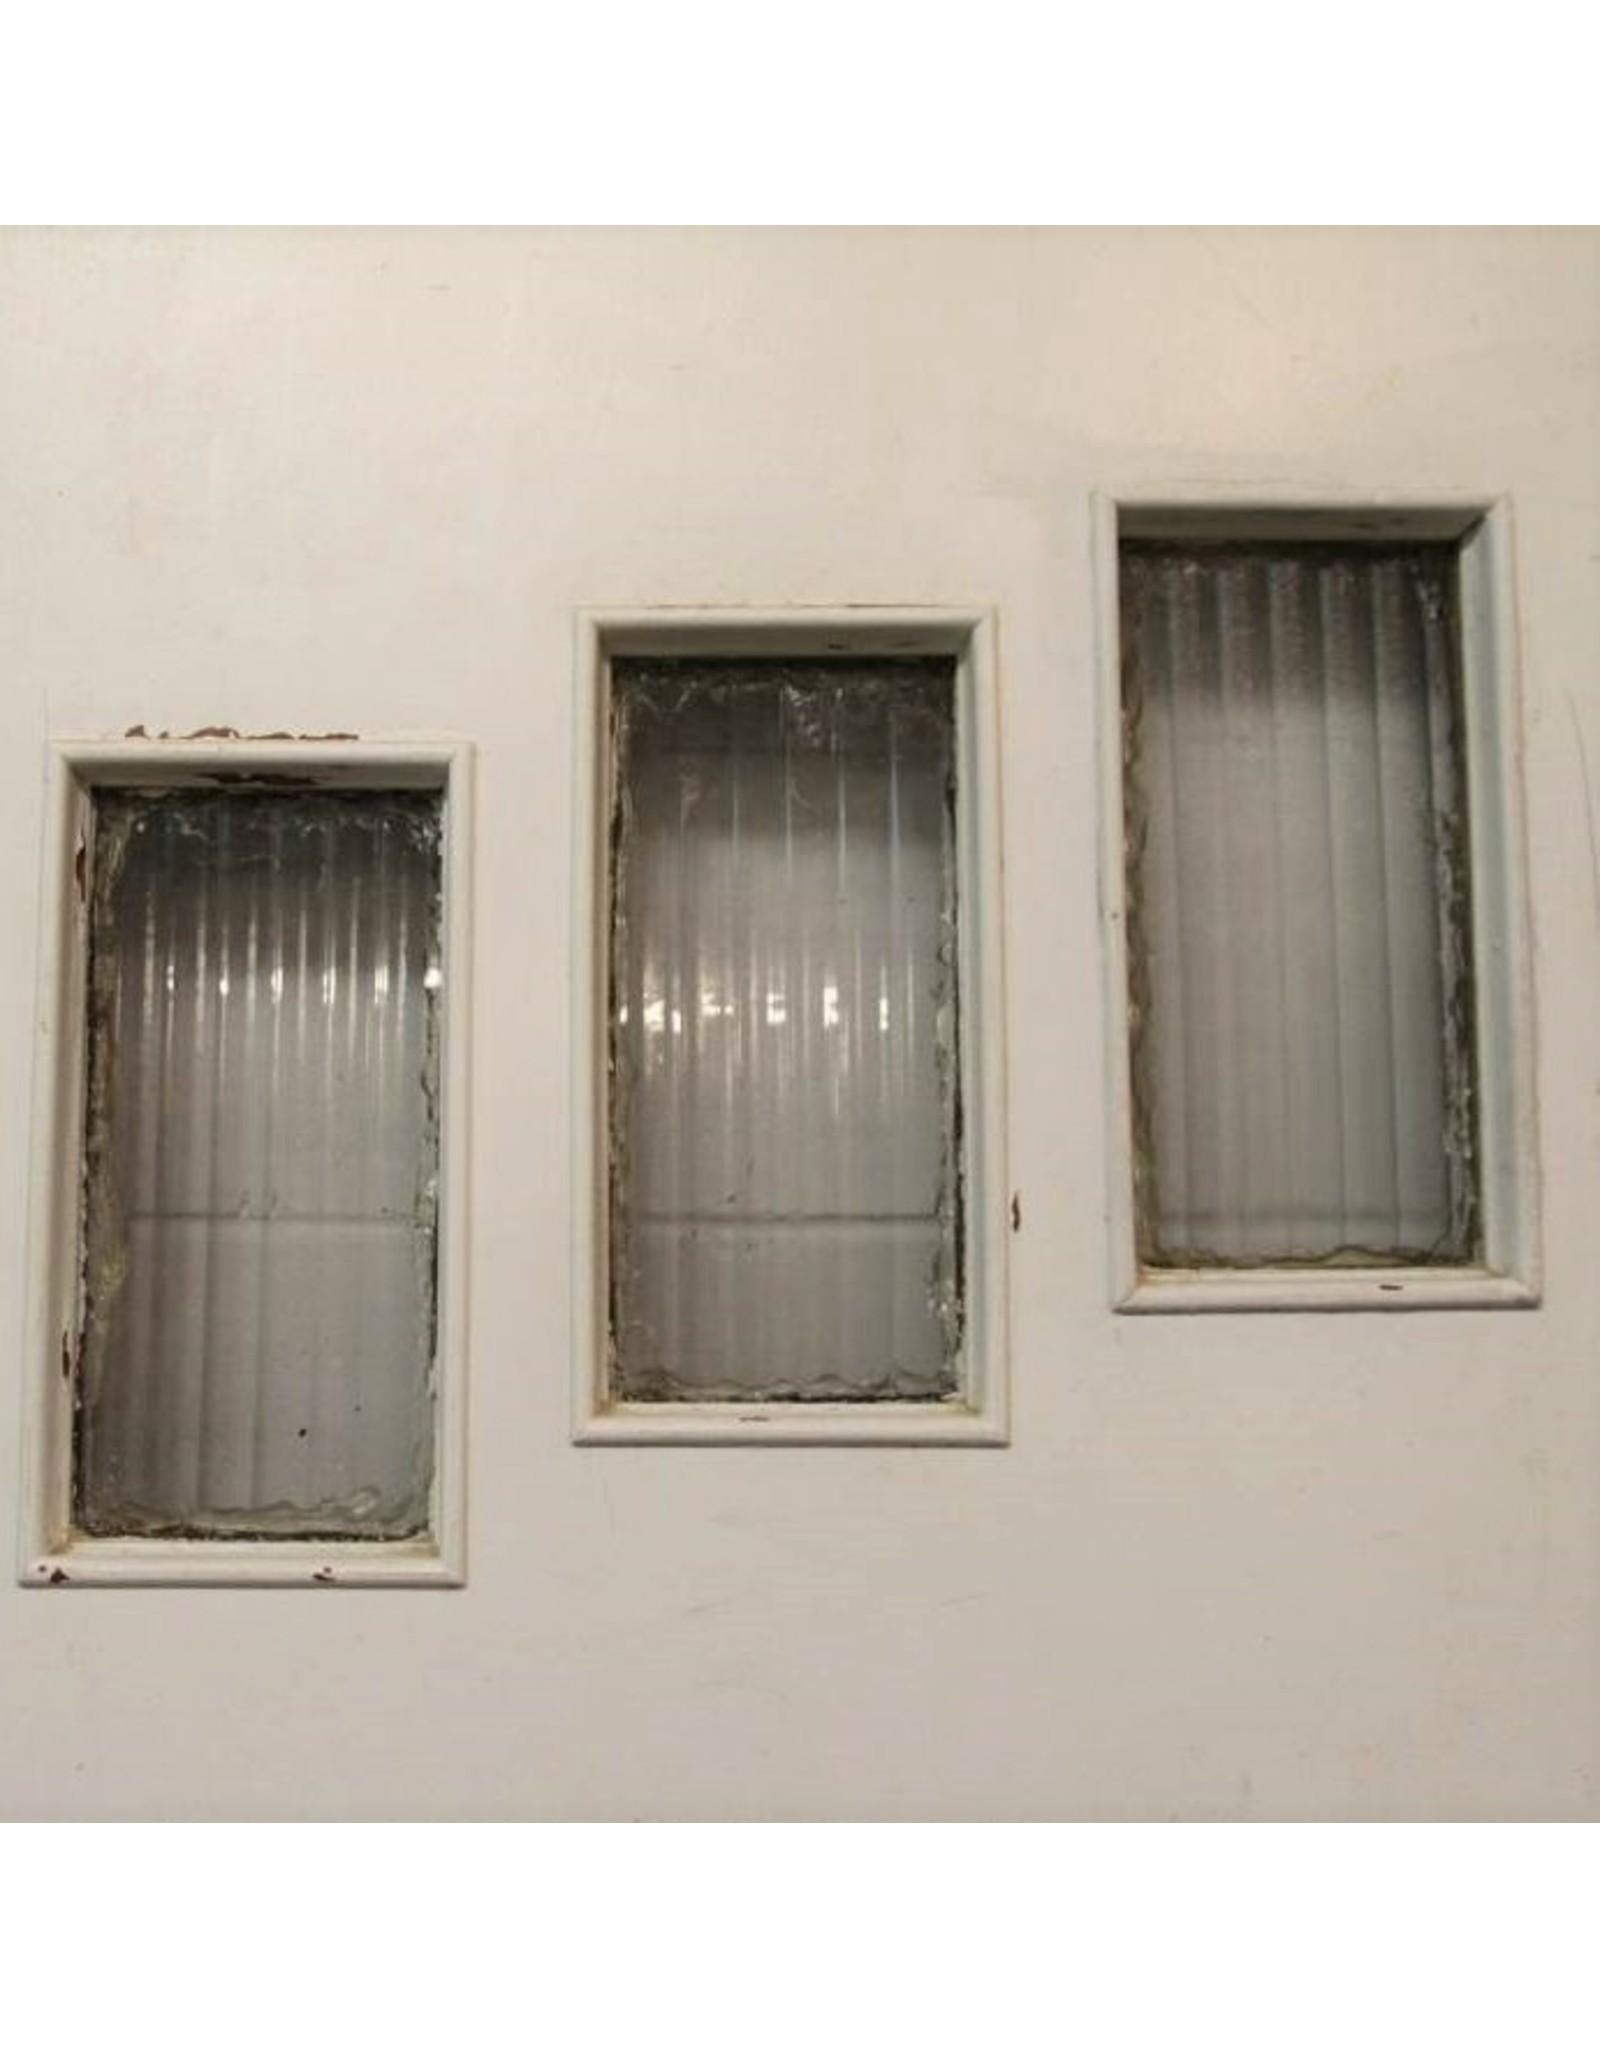 Door - wooden, exterior, staggered 3 windows, 32 x 80